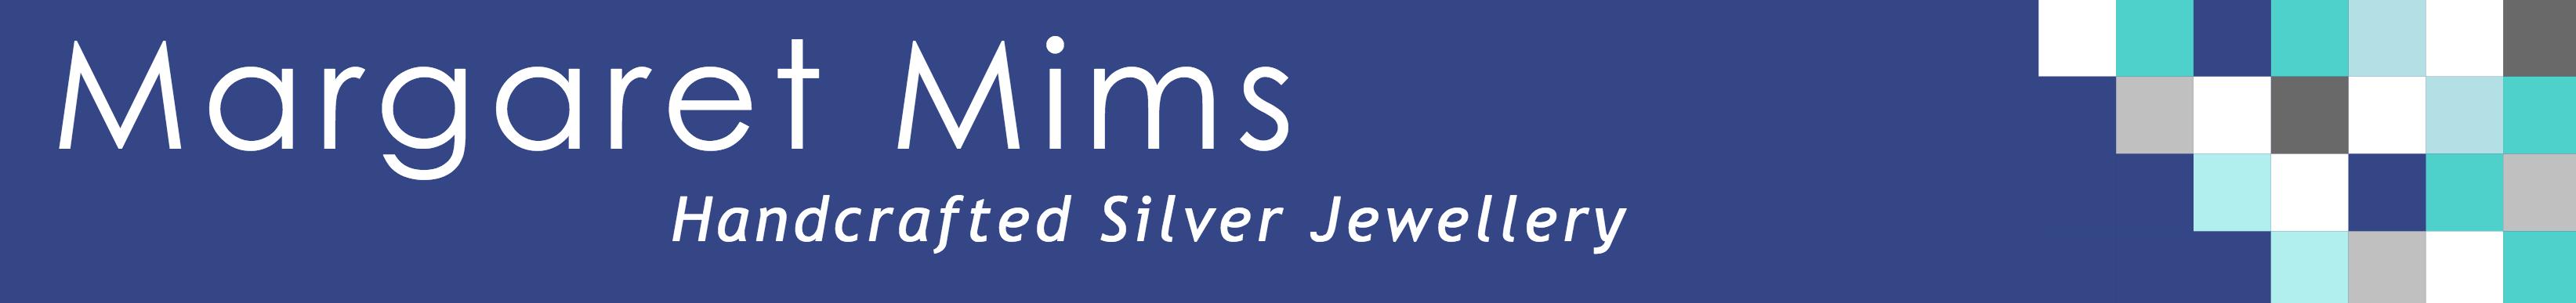 Margaret Mims Logo